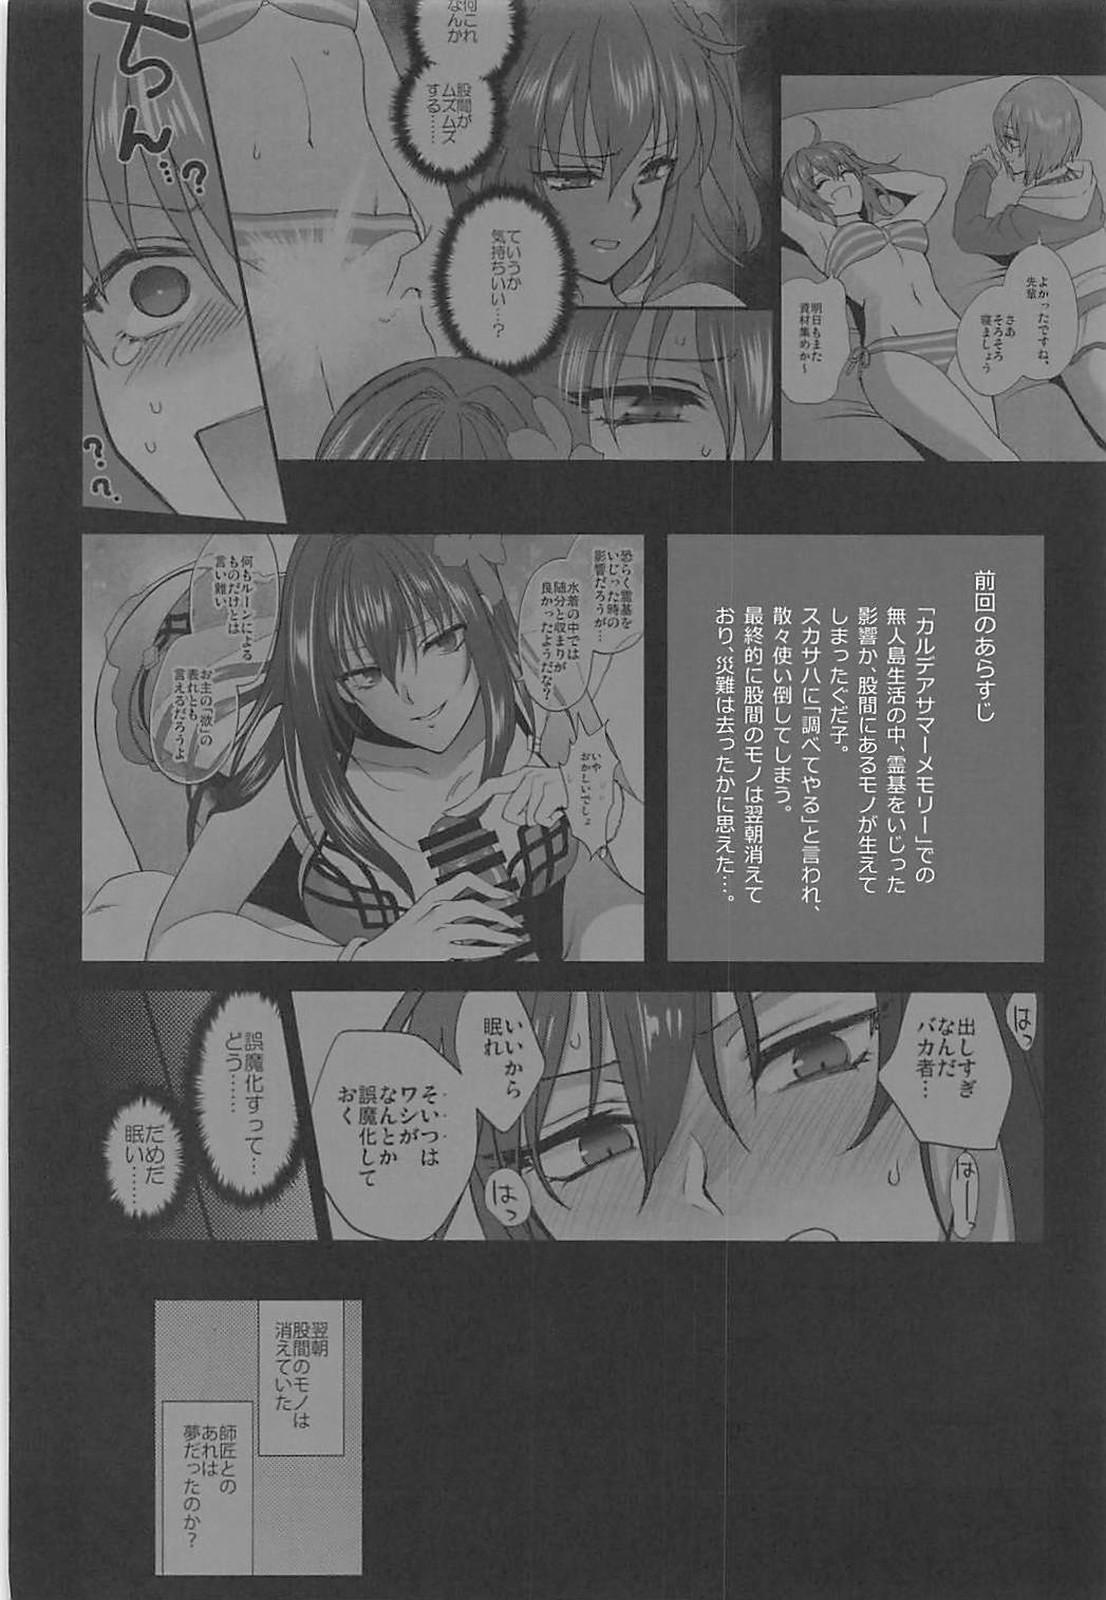 【エロ同人誌】朝起きたらチ○ポが生えてしまっていたぐだ子相手にスカサハ師匠が足コキで慰めるwww【Fate/Grand Order/C93】